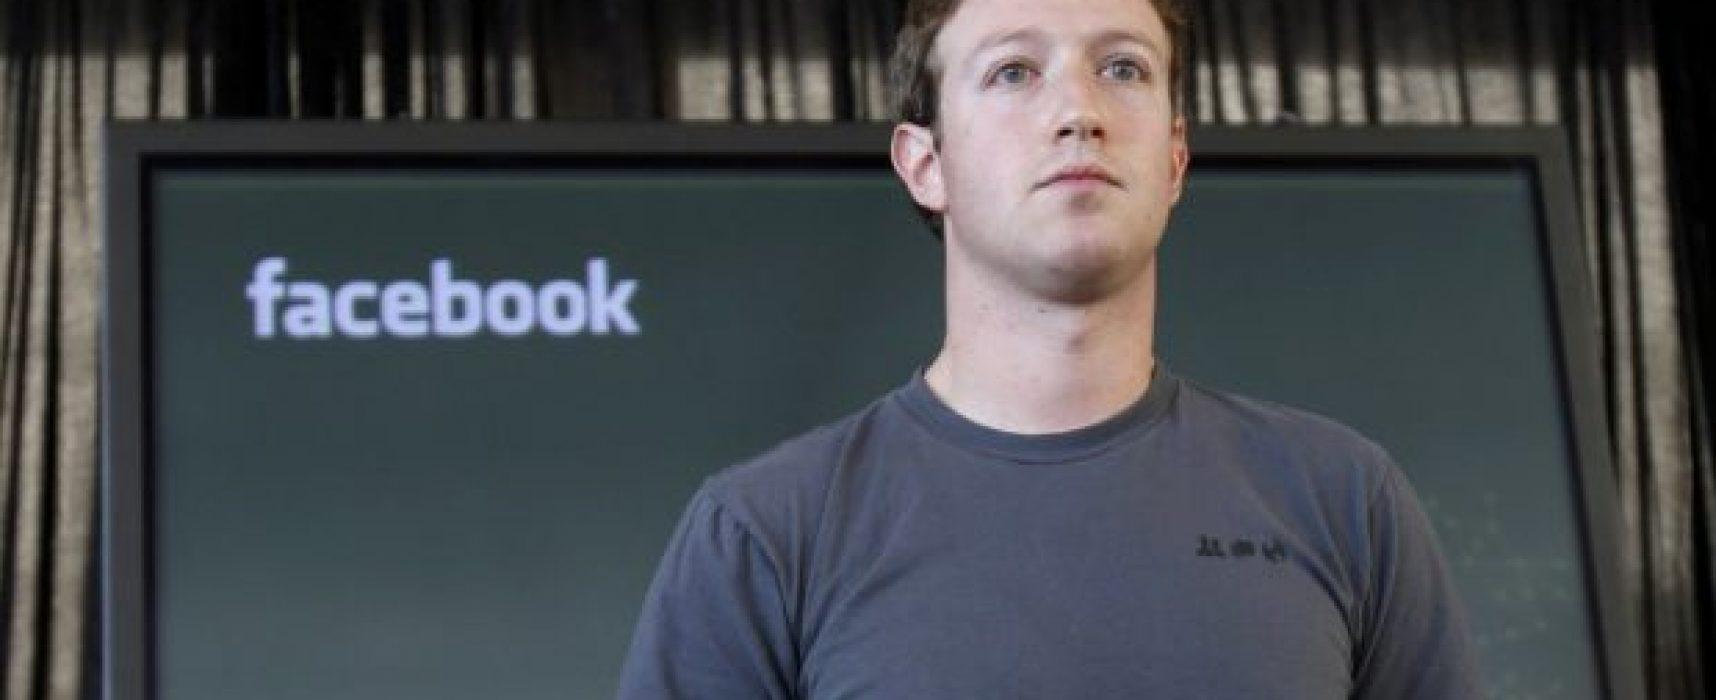 Цукерберг: Facebook имеет доказательства российского вмешательства